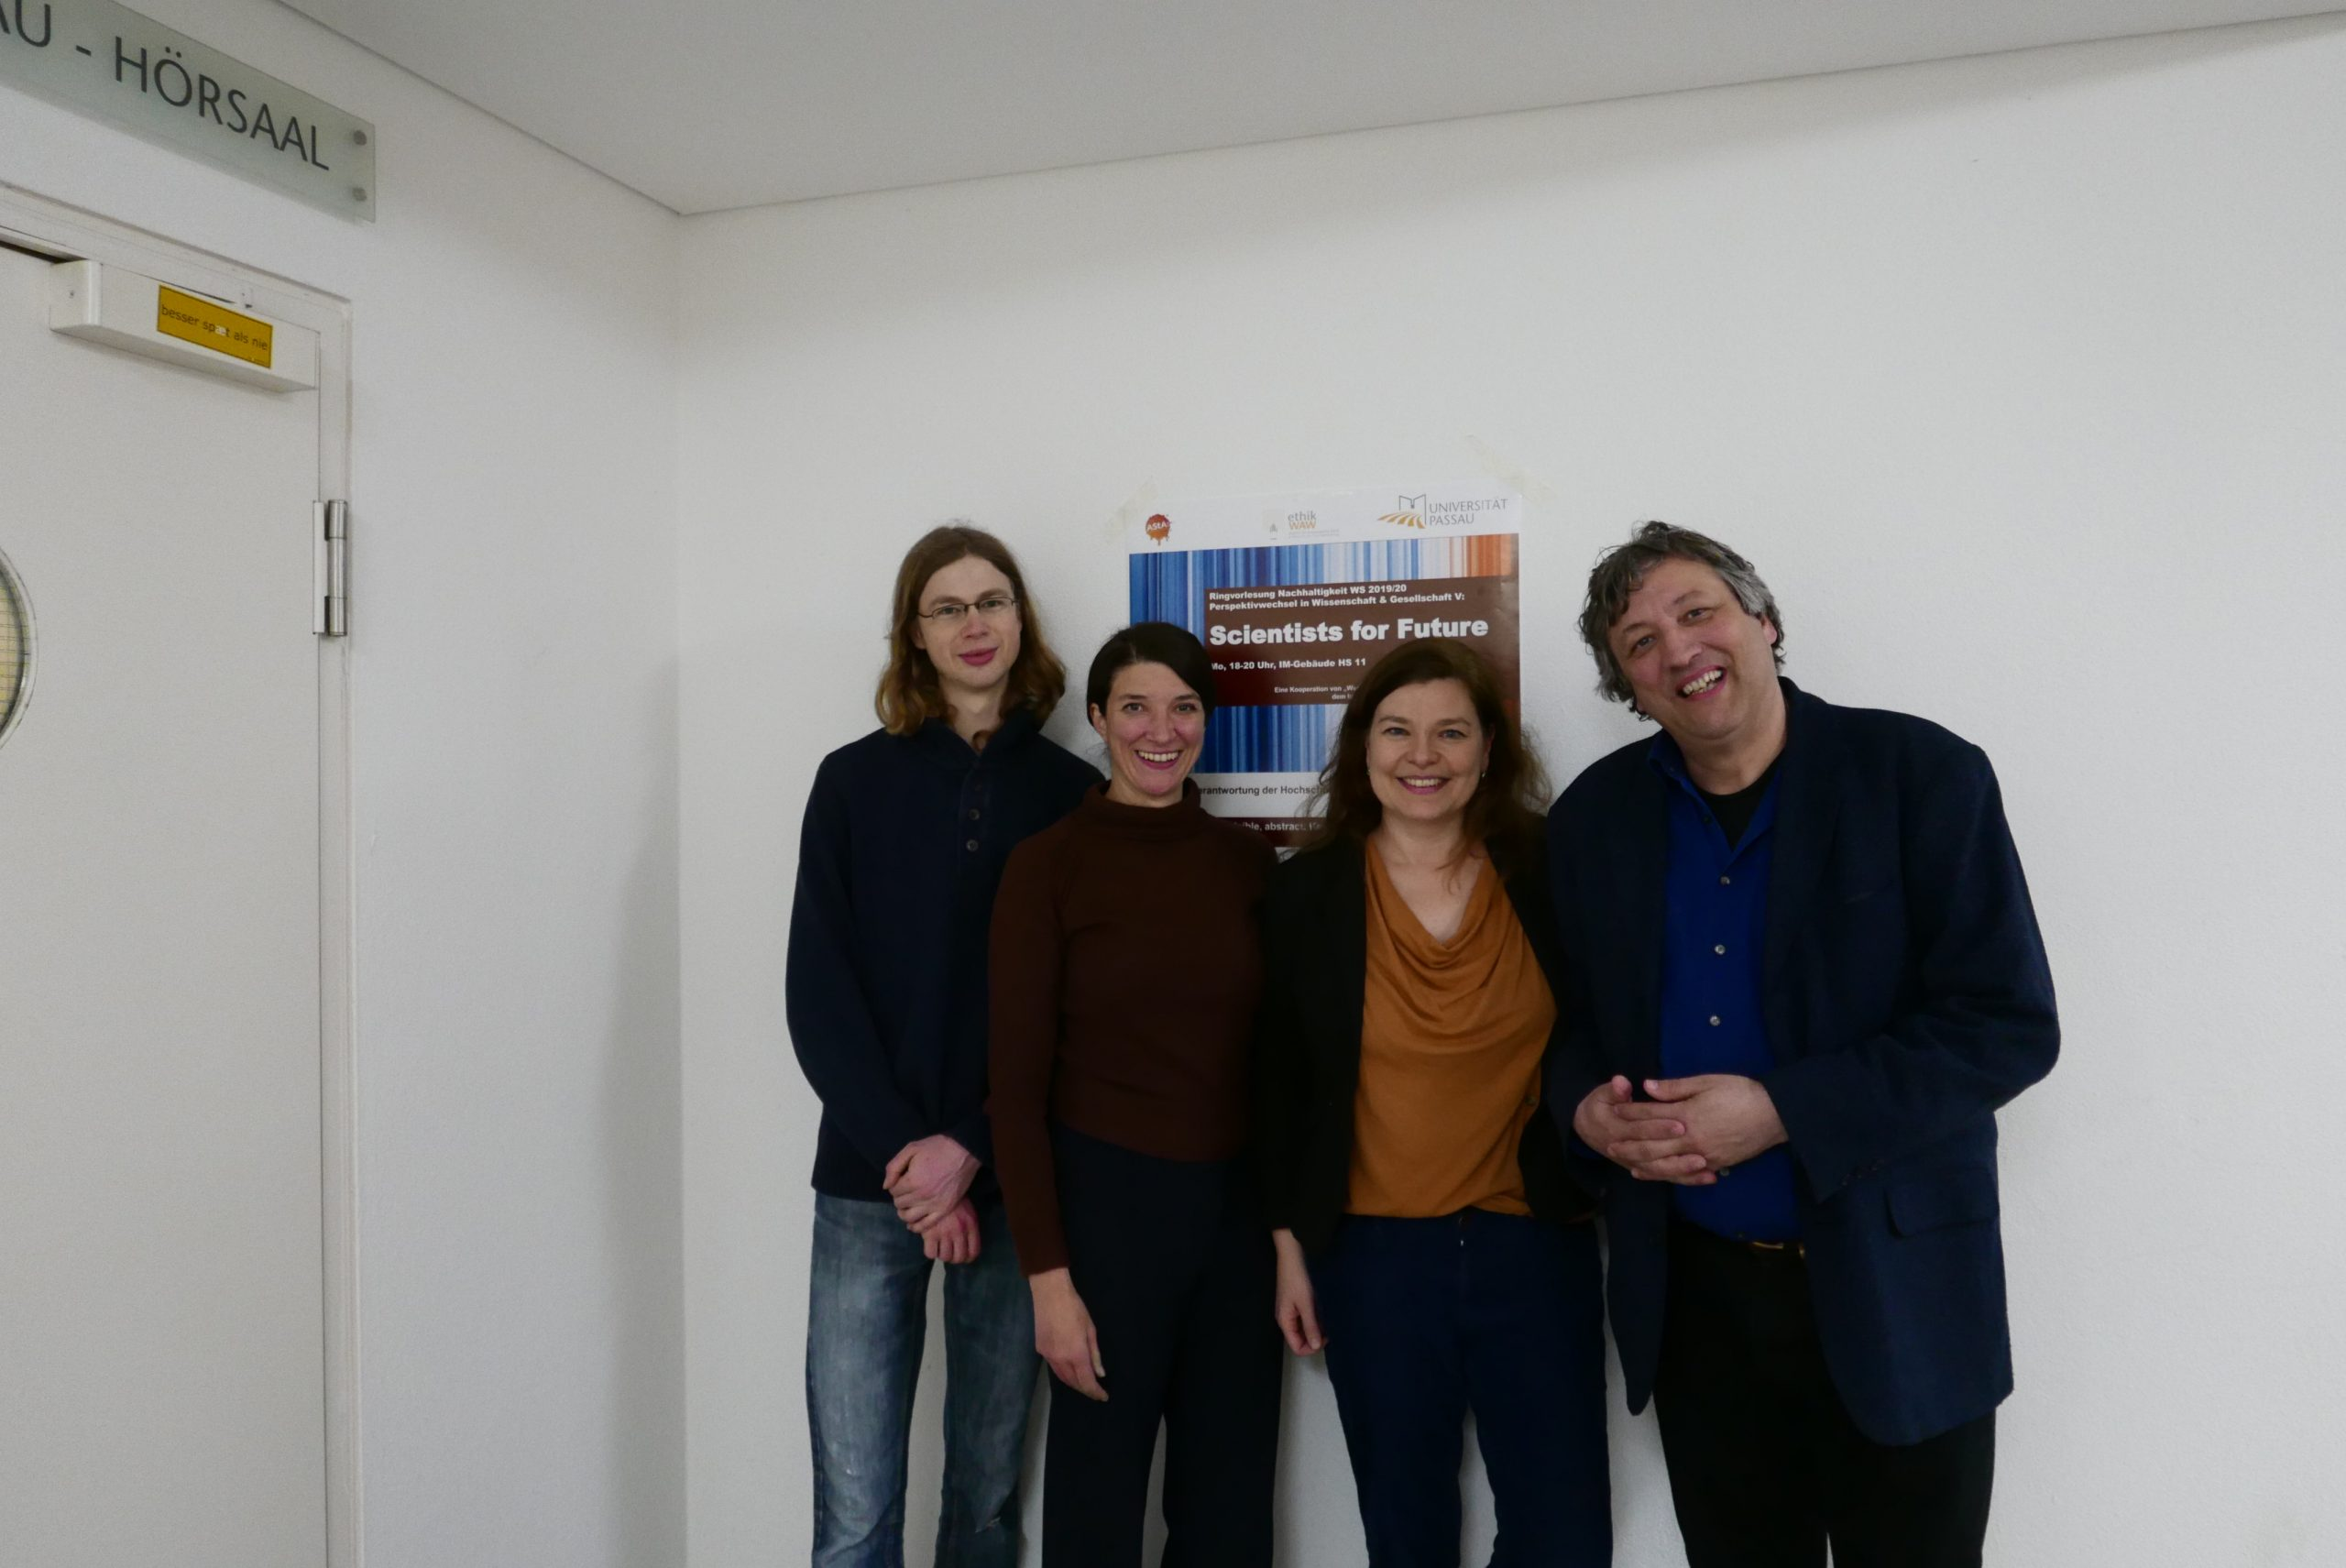 von links nach rechts: Janis Müller, Dr. Stefanie Wehner, Dr. Annegret Meißner, Prof. Dr. Bernhard Stahl